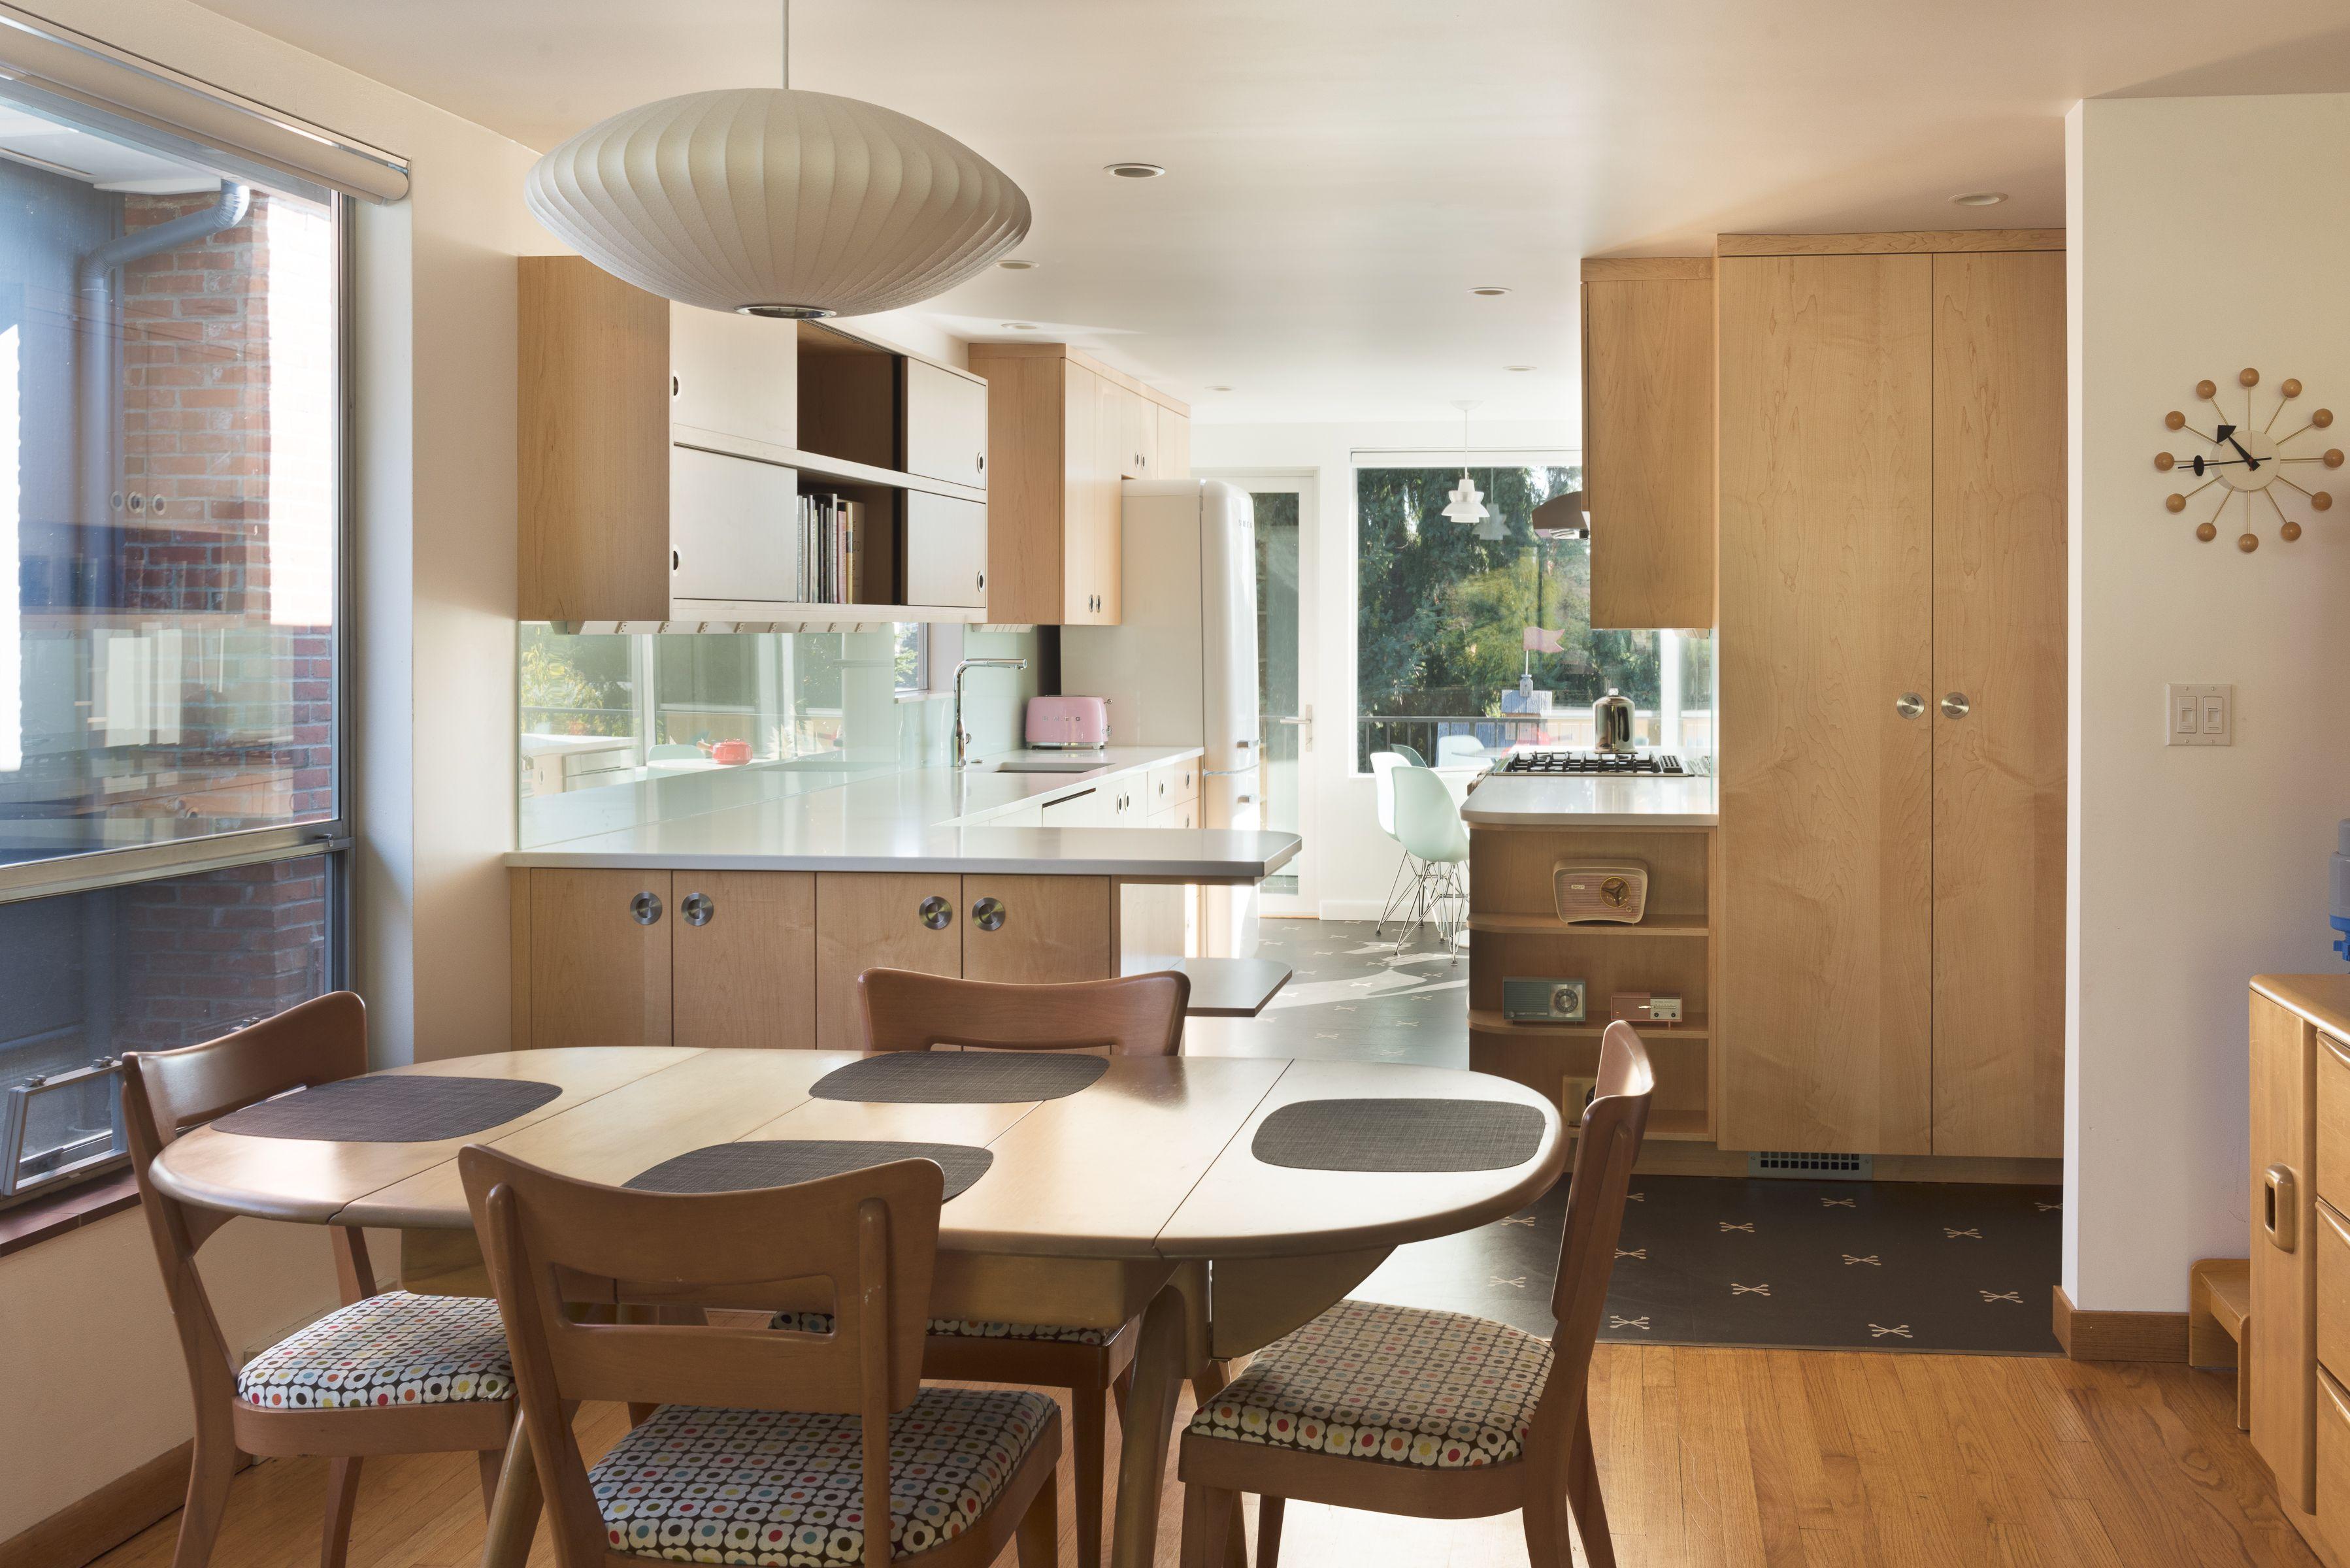 Midcentury modern kitchen by gl studio